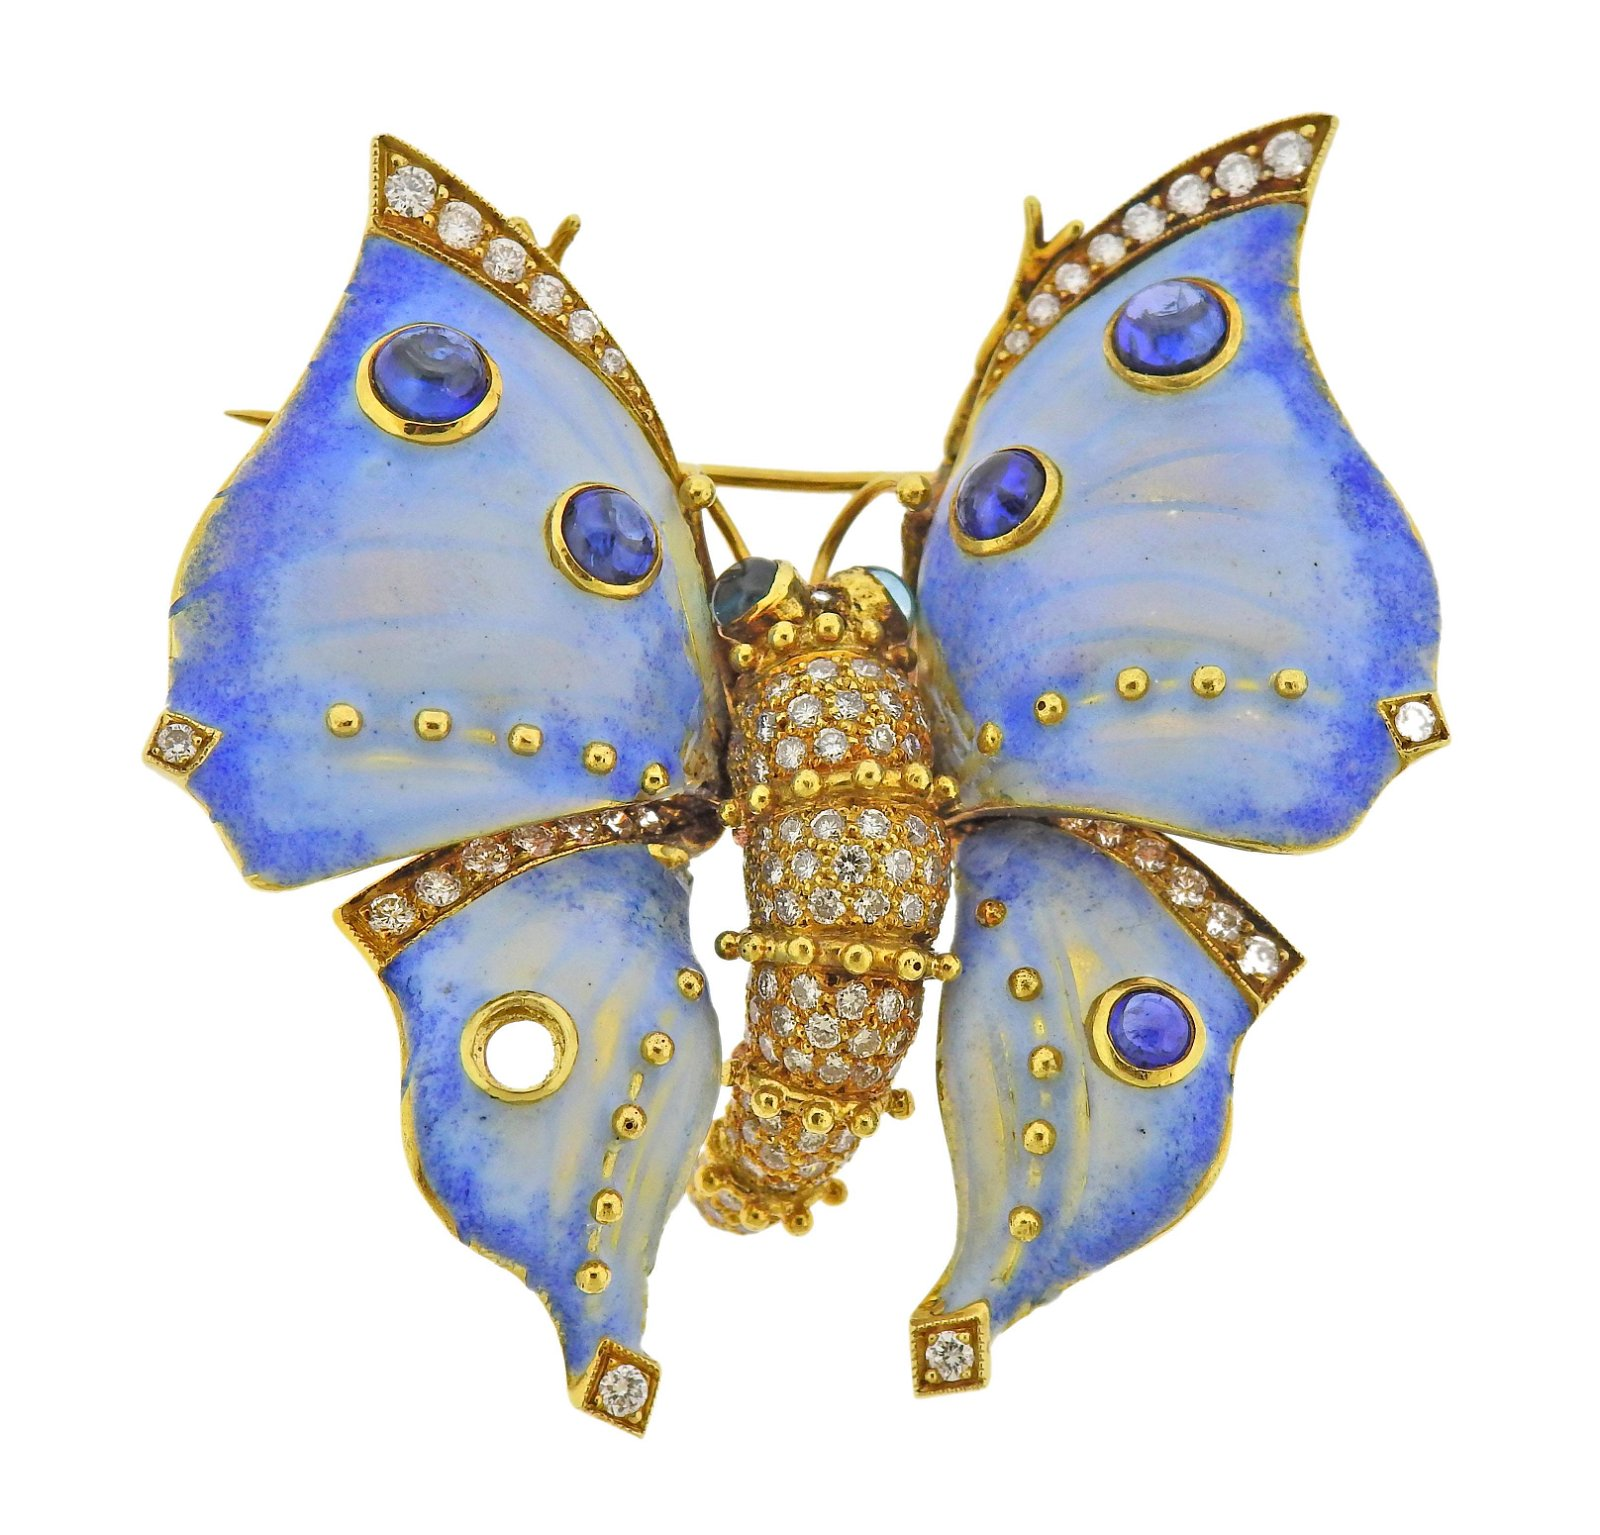 18k Gold Diamond Sapphire Enamel Butterfly Brooch Pin